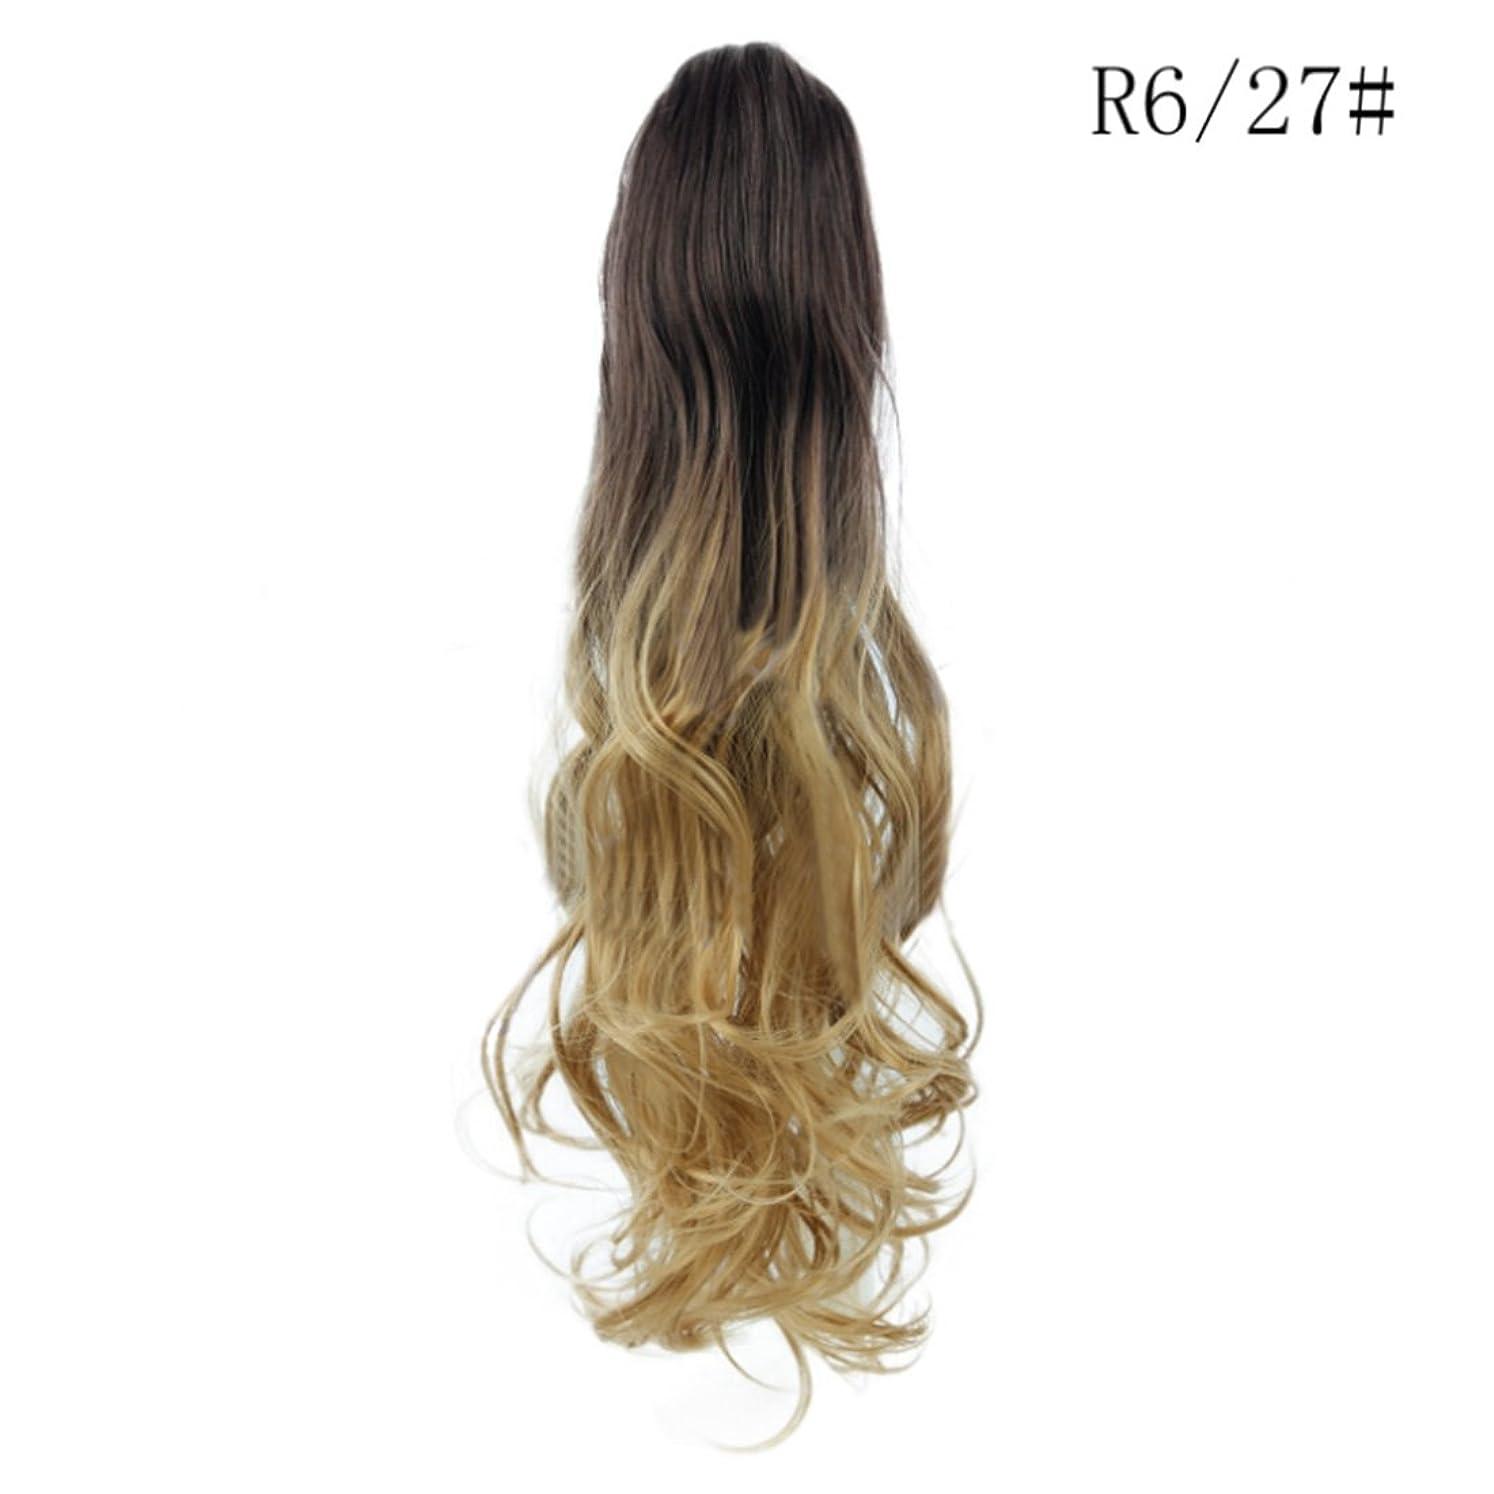 賠償起こるセンチメンタルJIANFU ロングロール目に見えないシームレスなひげそりの髪21インチの爪のクリップポニーテールのウィッグ女性のための大きな波ロールのヘアピースカーリーポニーテールのかつら (Color : R6/27B#)